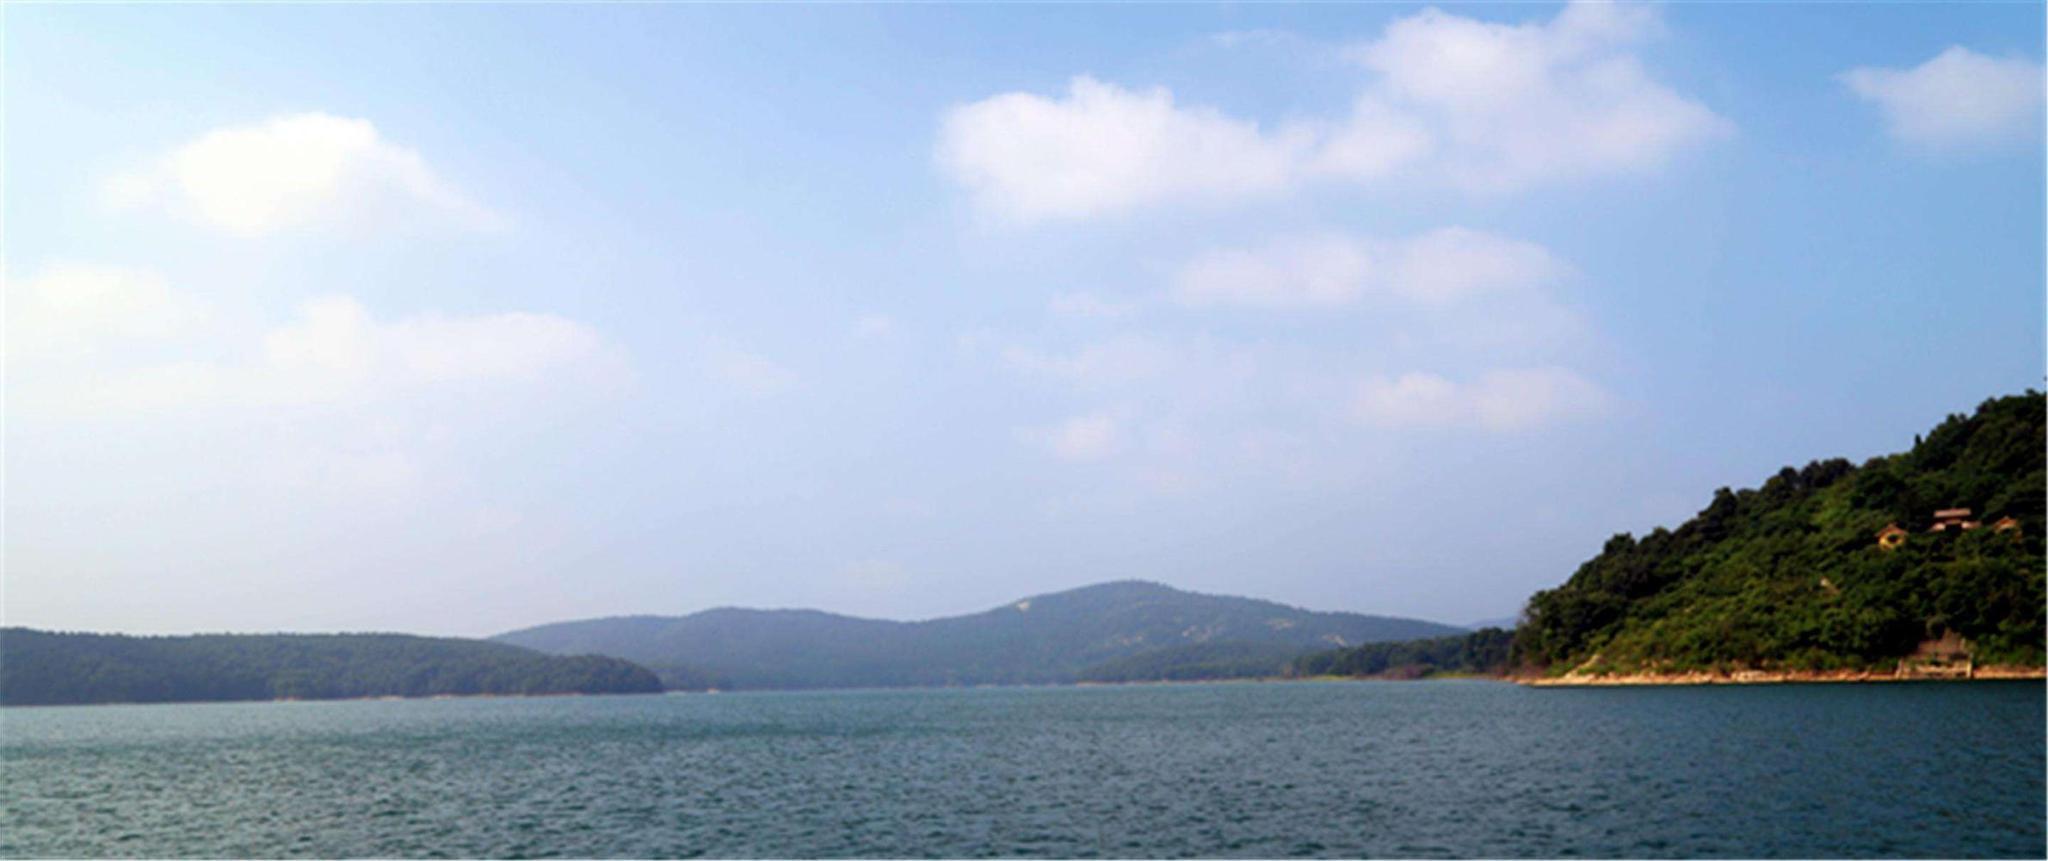 薄山湖風景區位于駐馬店確山縣城南20公里處,距京廣鐵路,京珠高速